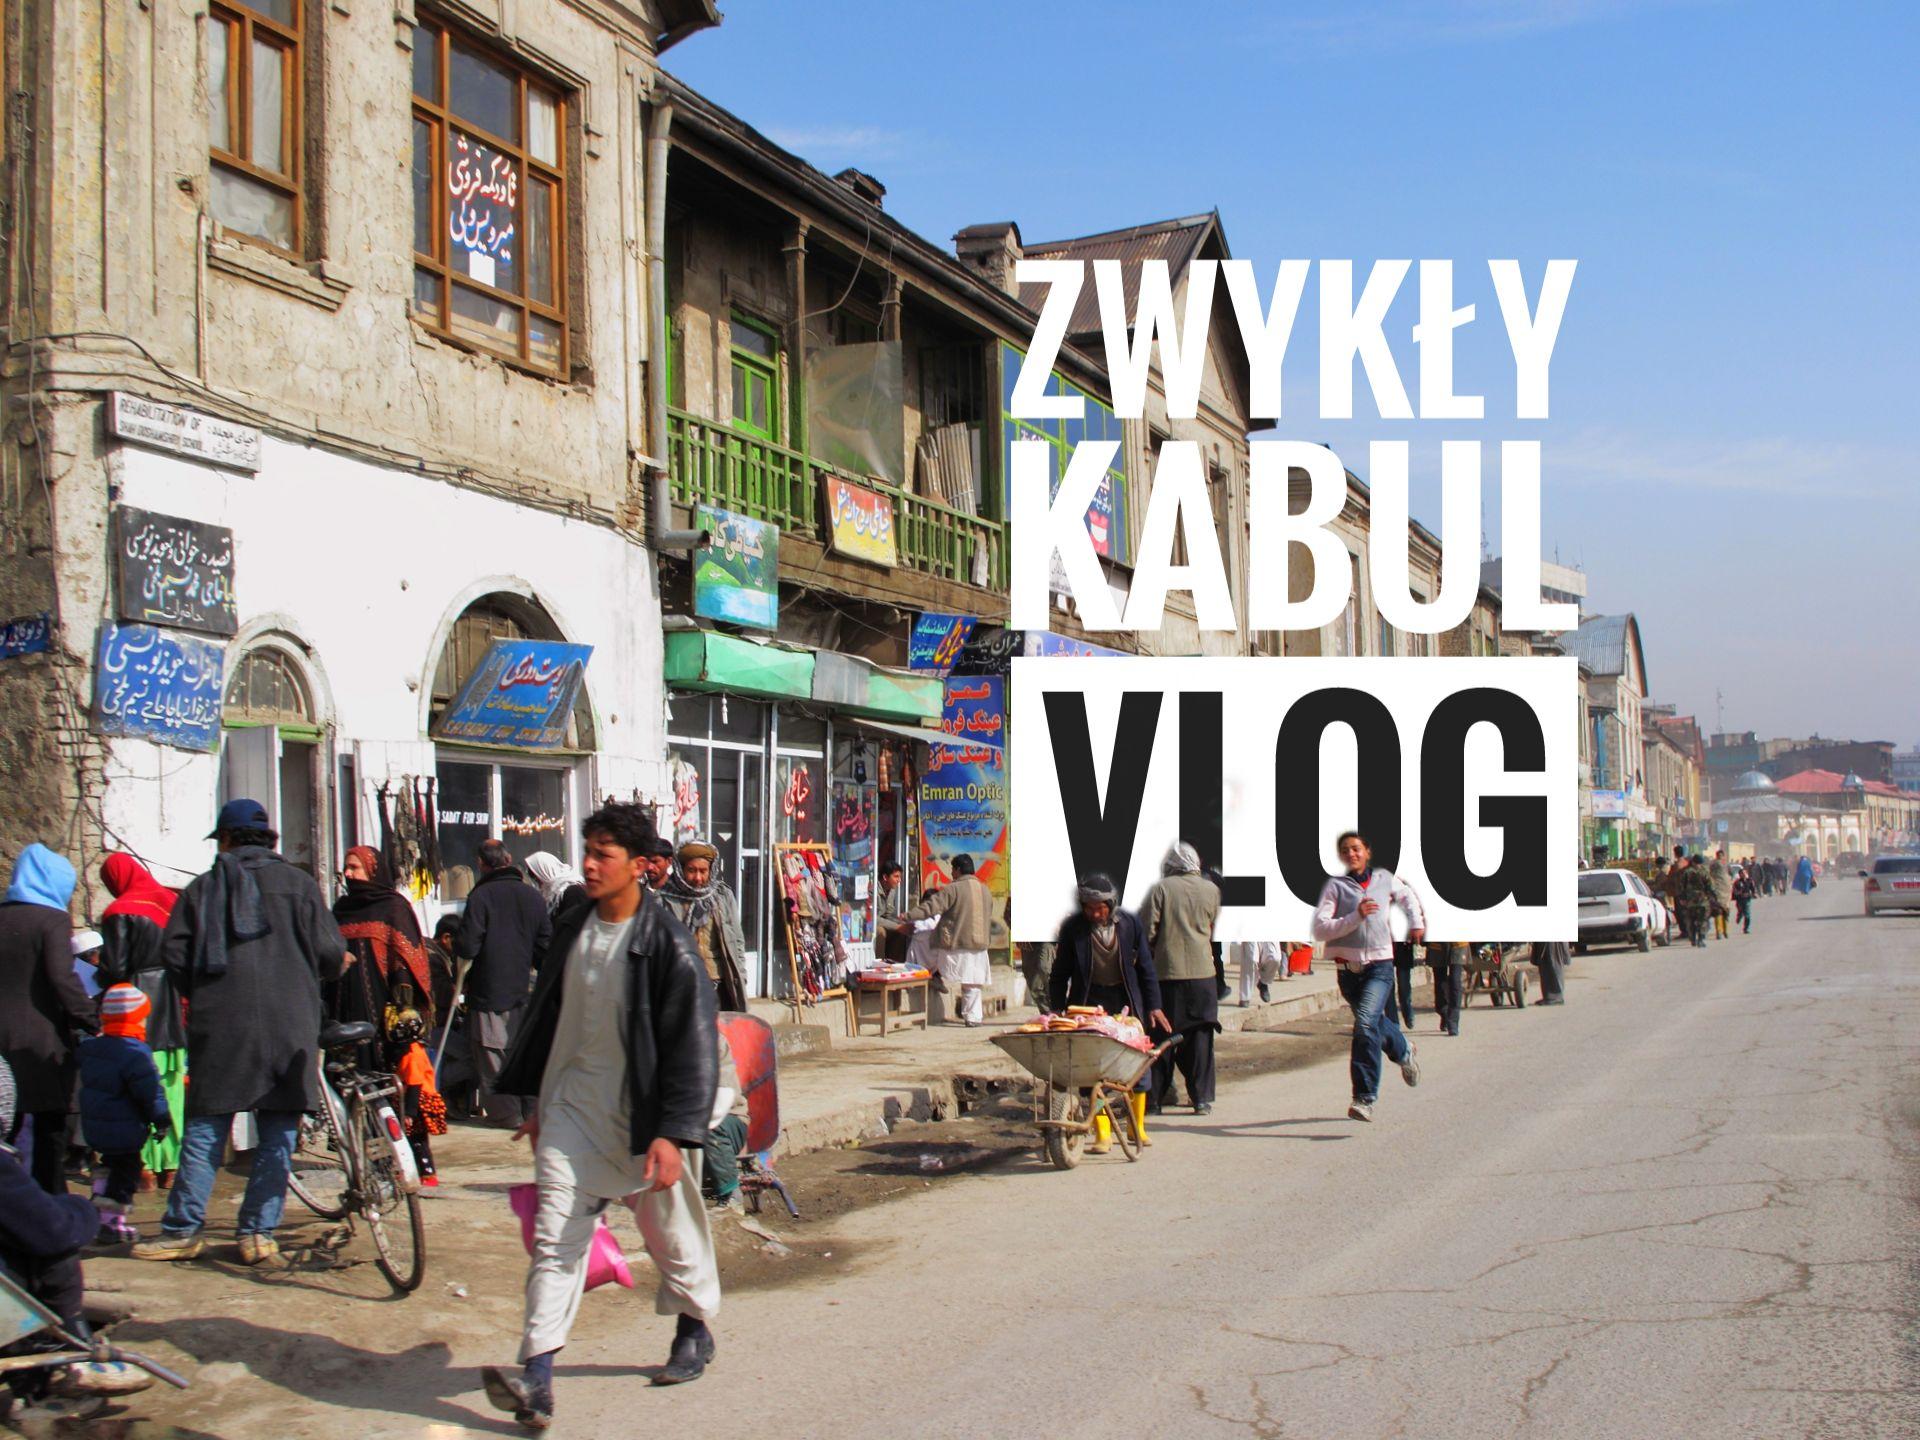 Zwykły Kabul - Afganistan - okładka postu z pierwszym vlogiem